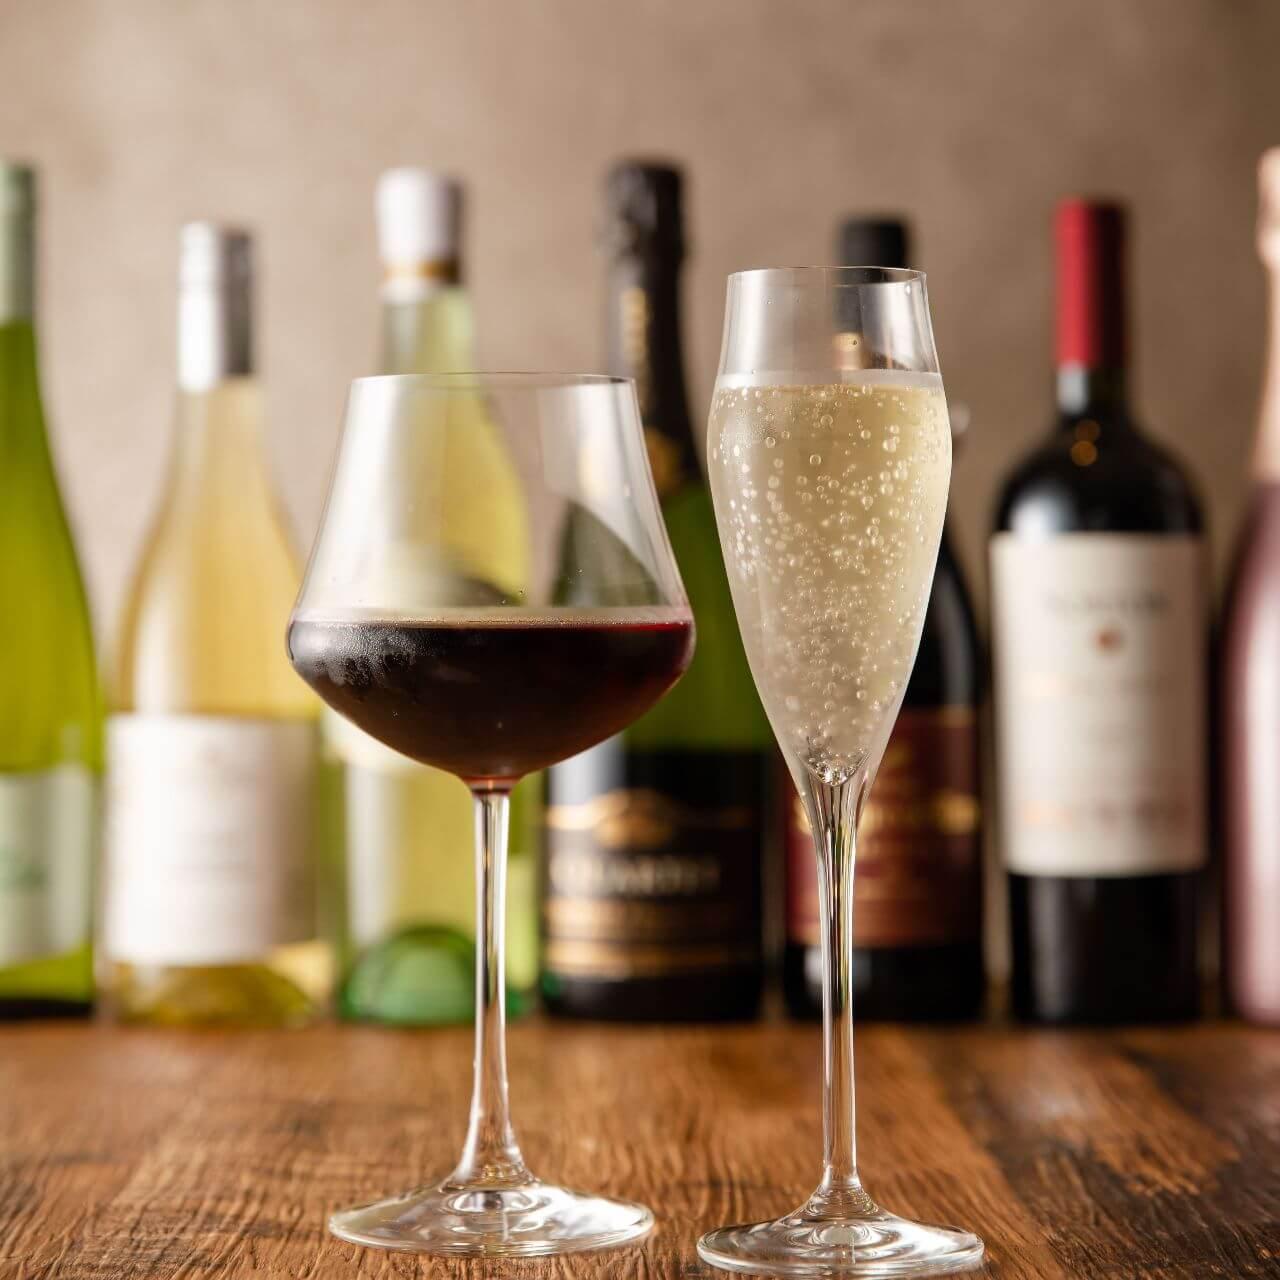 丸の内にあるワインが楽しめるカラオケアミューズメント【MARUNOUCHI BASE(丸の内ベース)】